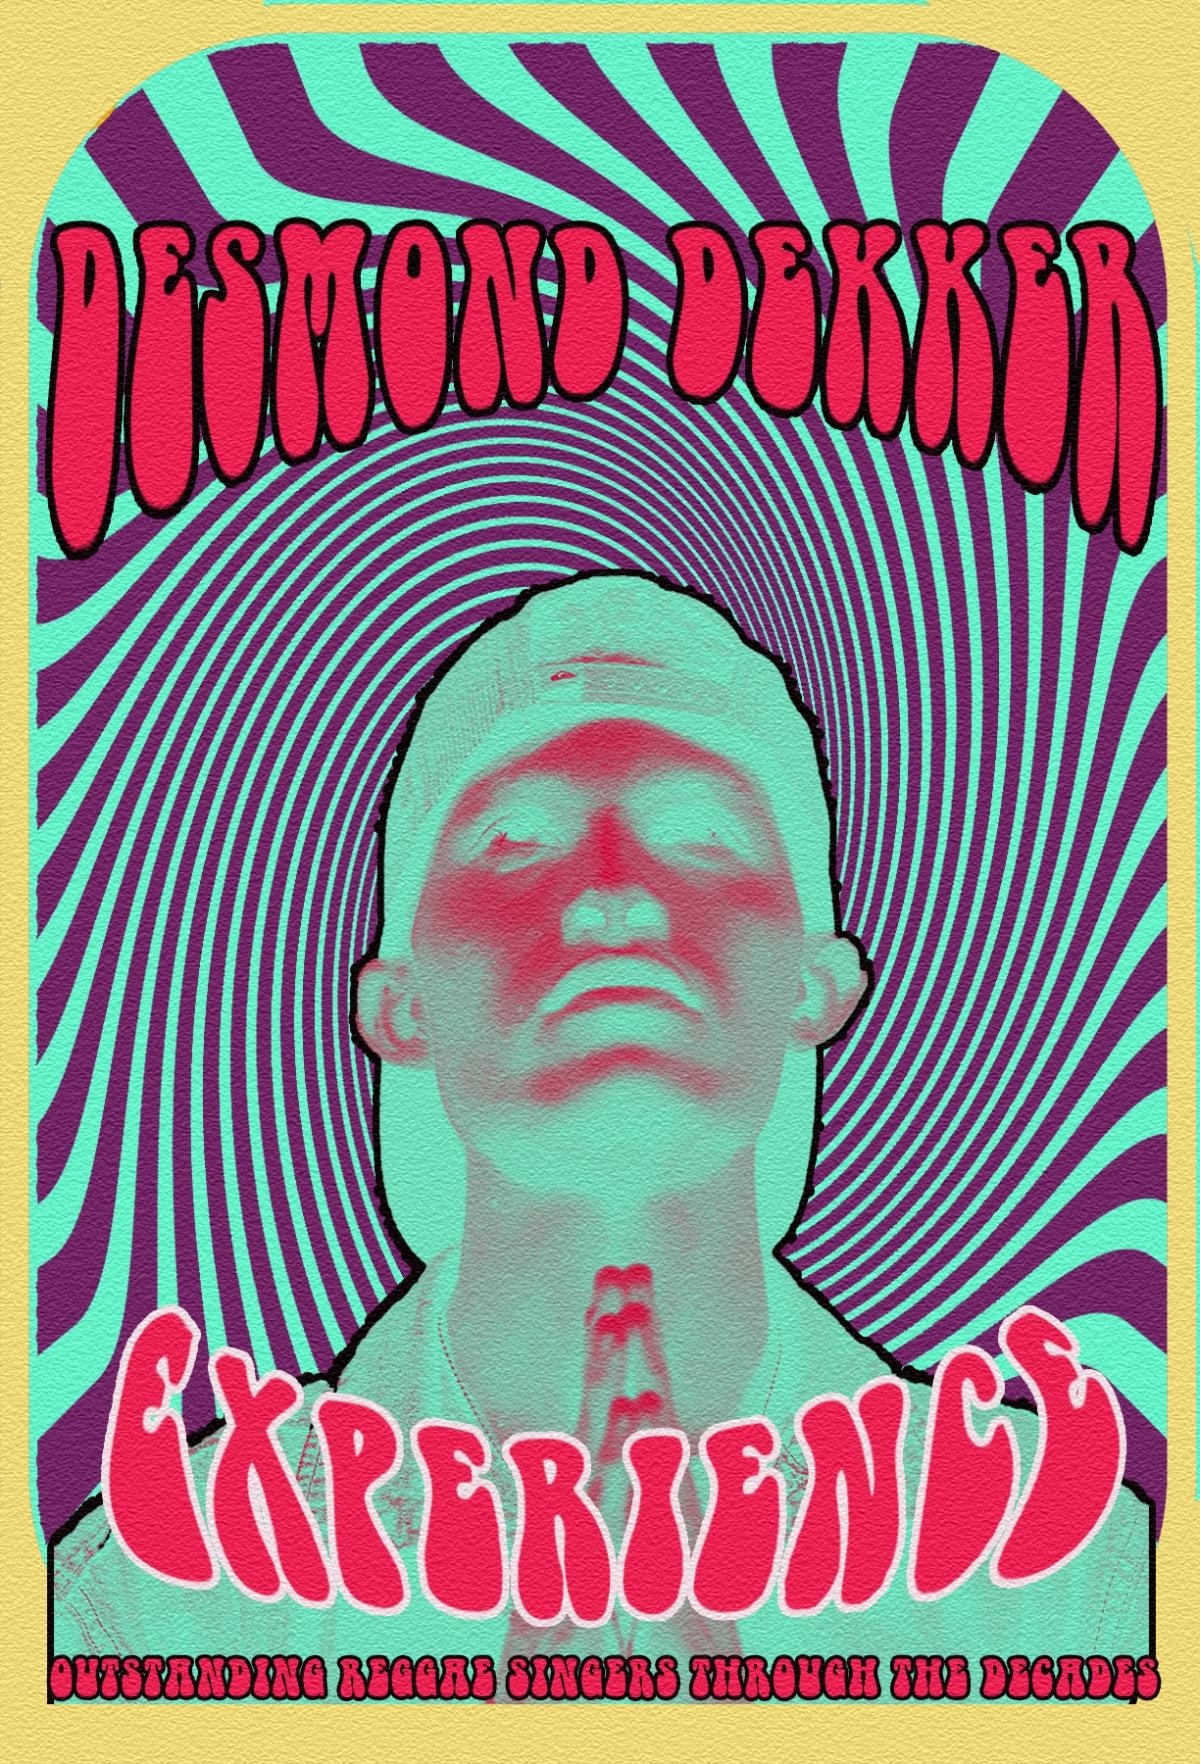 New Reggae poster